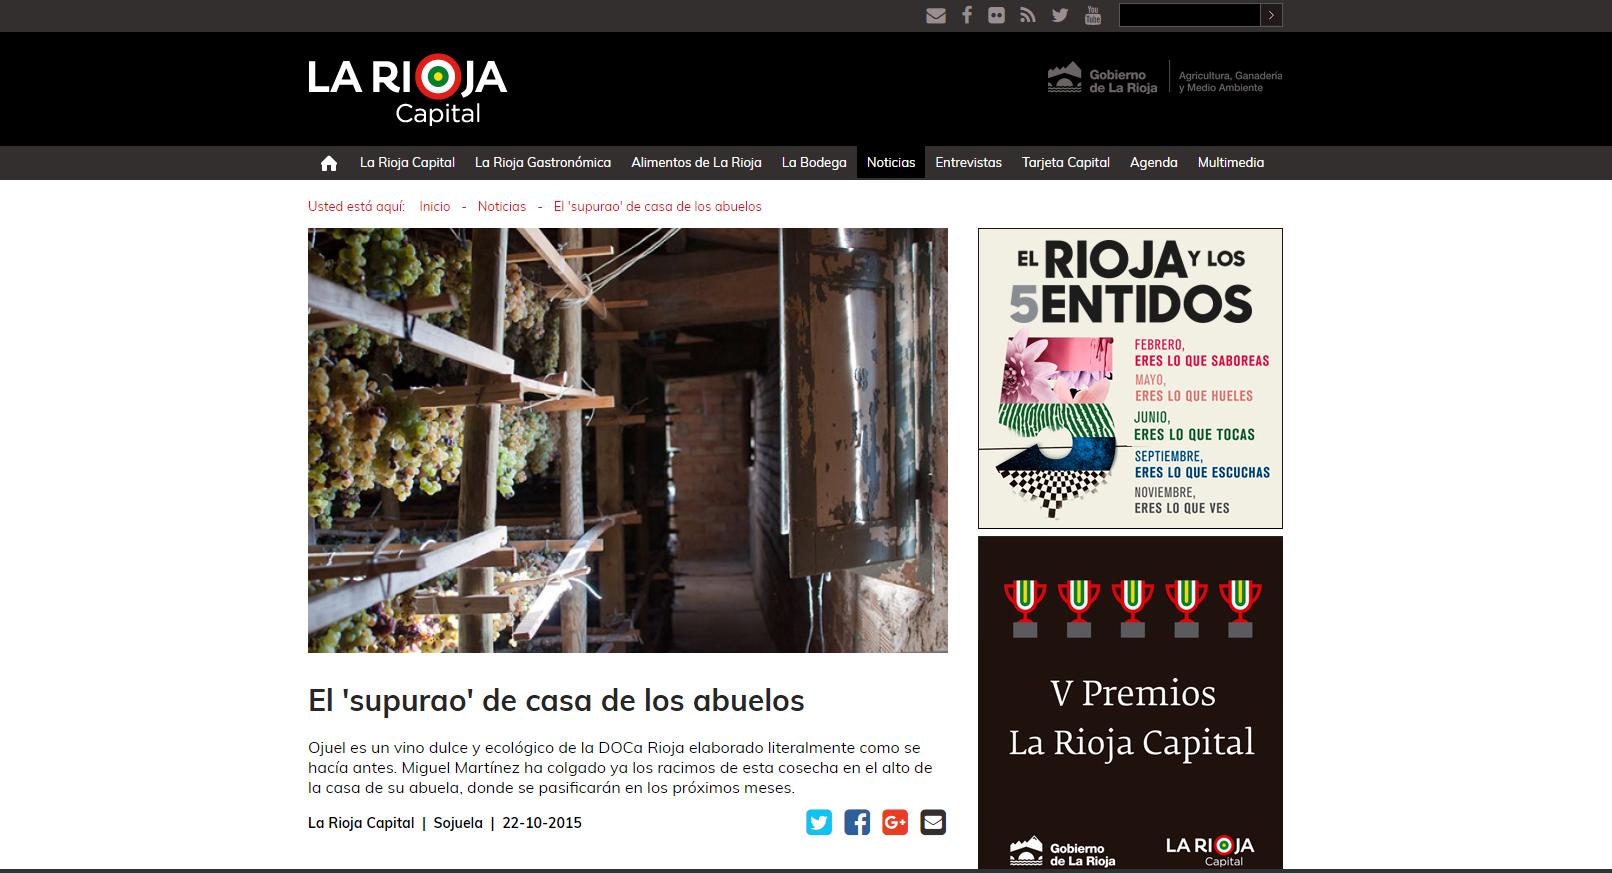 El 'supurao' de casa de los abuelos. La Rioja Capital